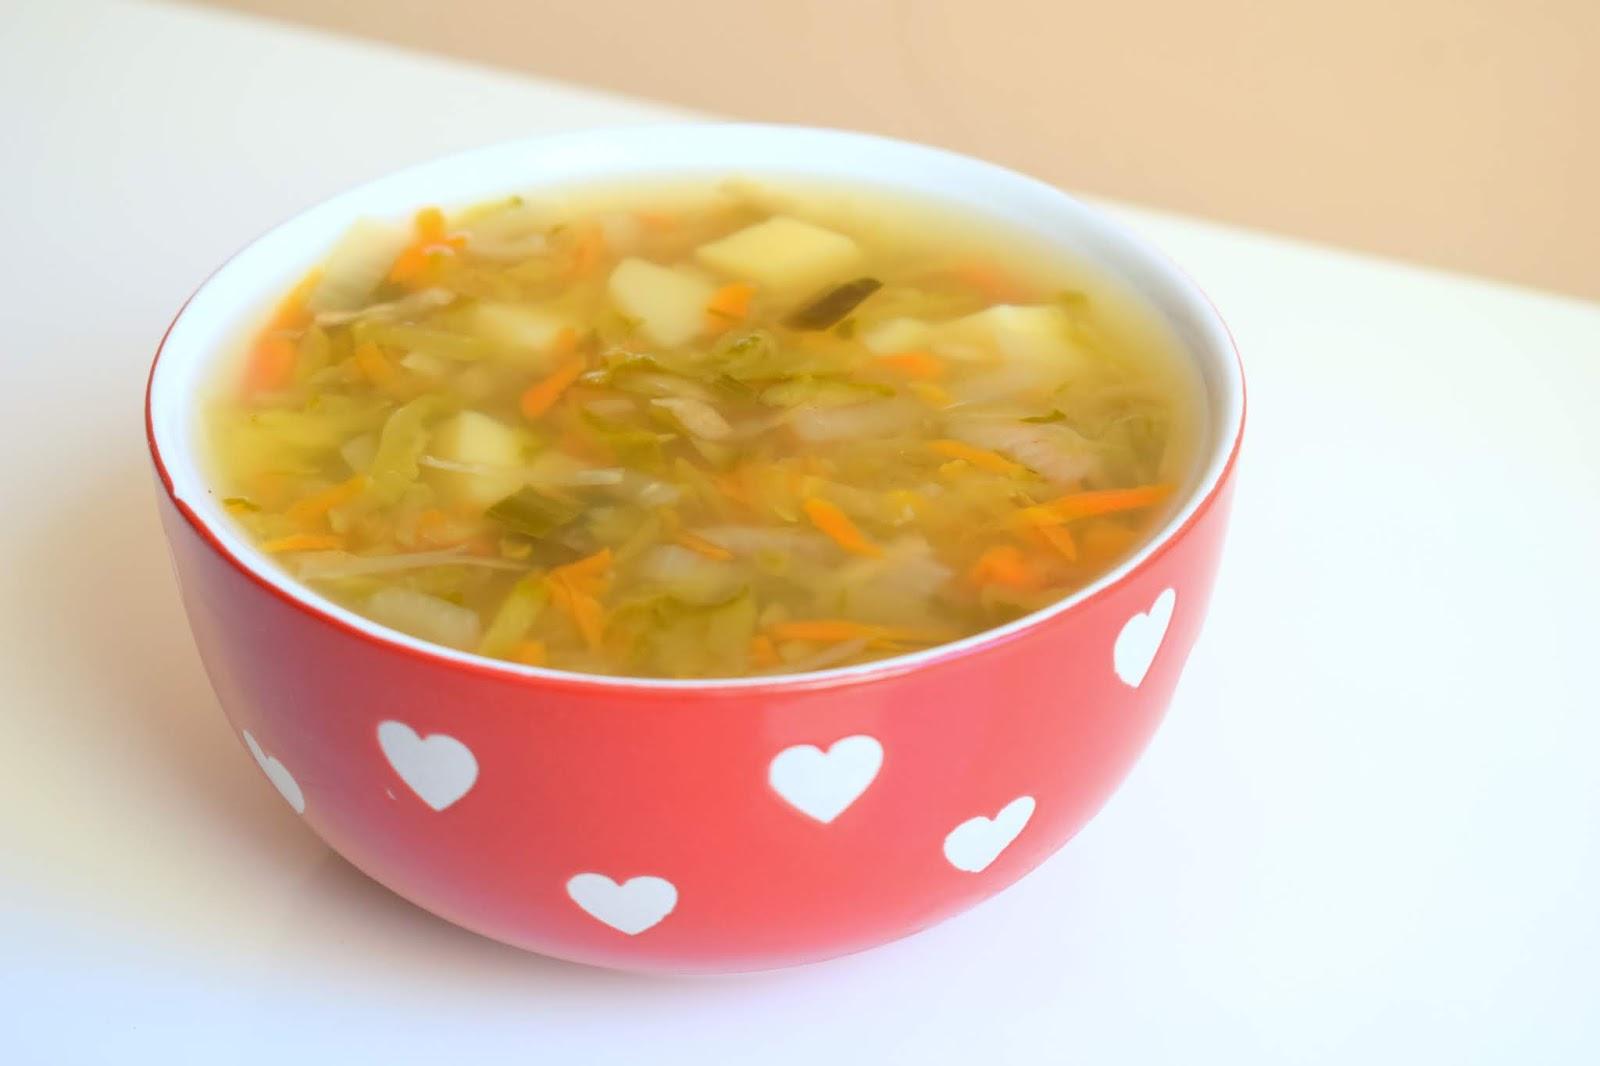 Zdrowie Na Jezyku Prosta Zupa Ogorkowa Bez Miesa